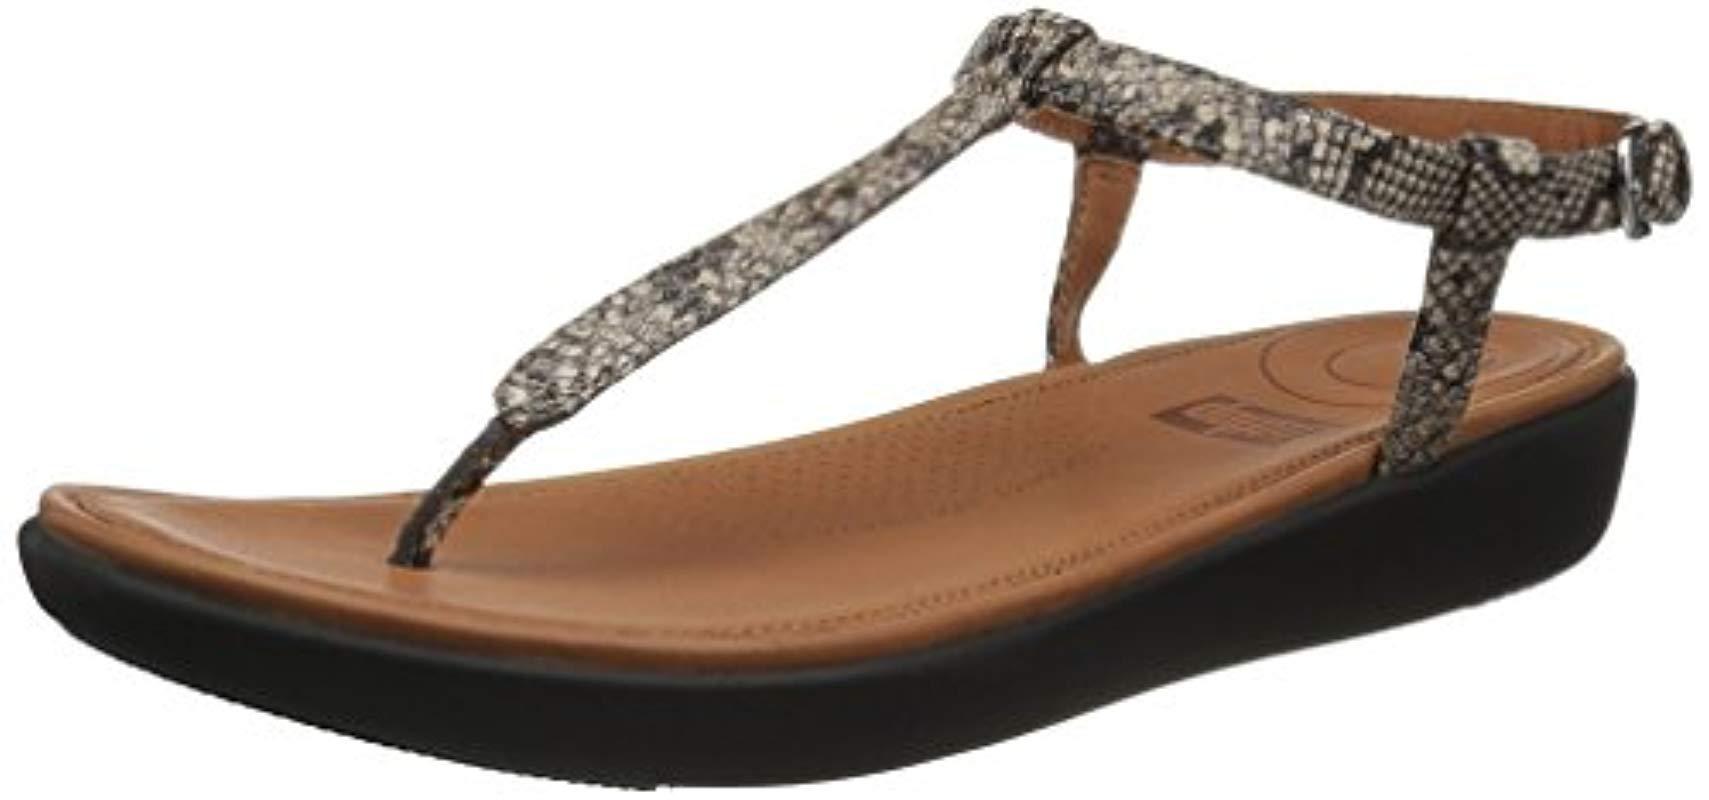 95c844a5de1de0 Fitflop. Women s Tia Toe-thong Sandals Flat